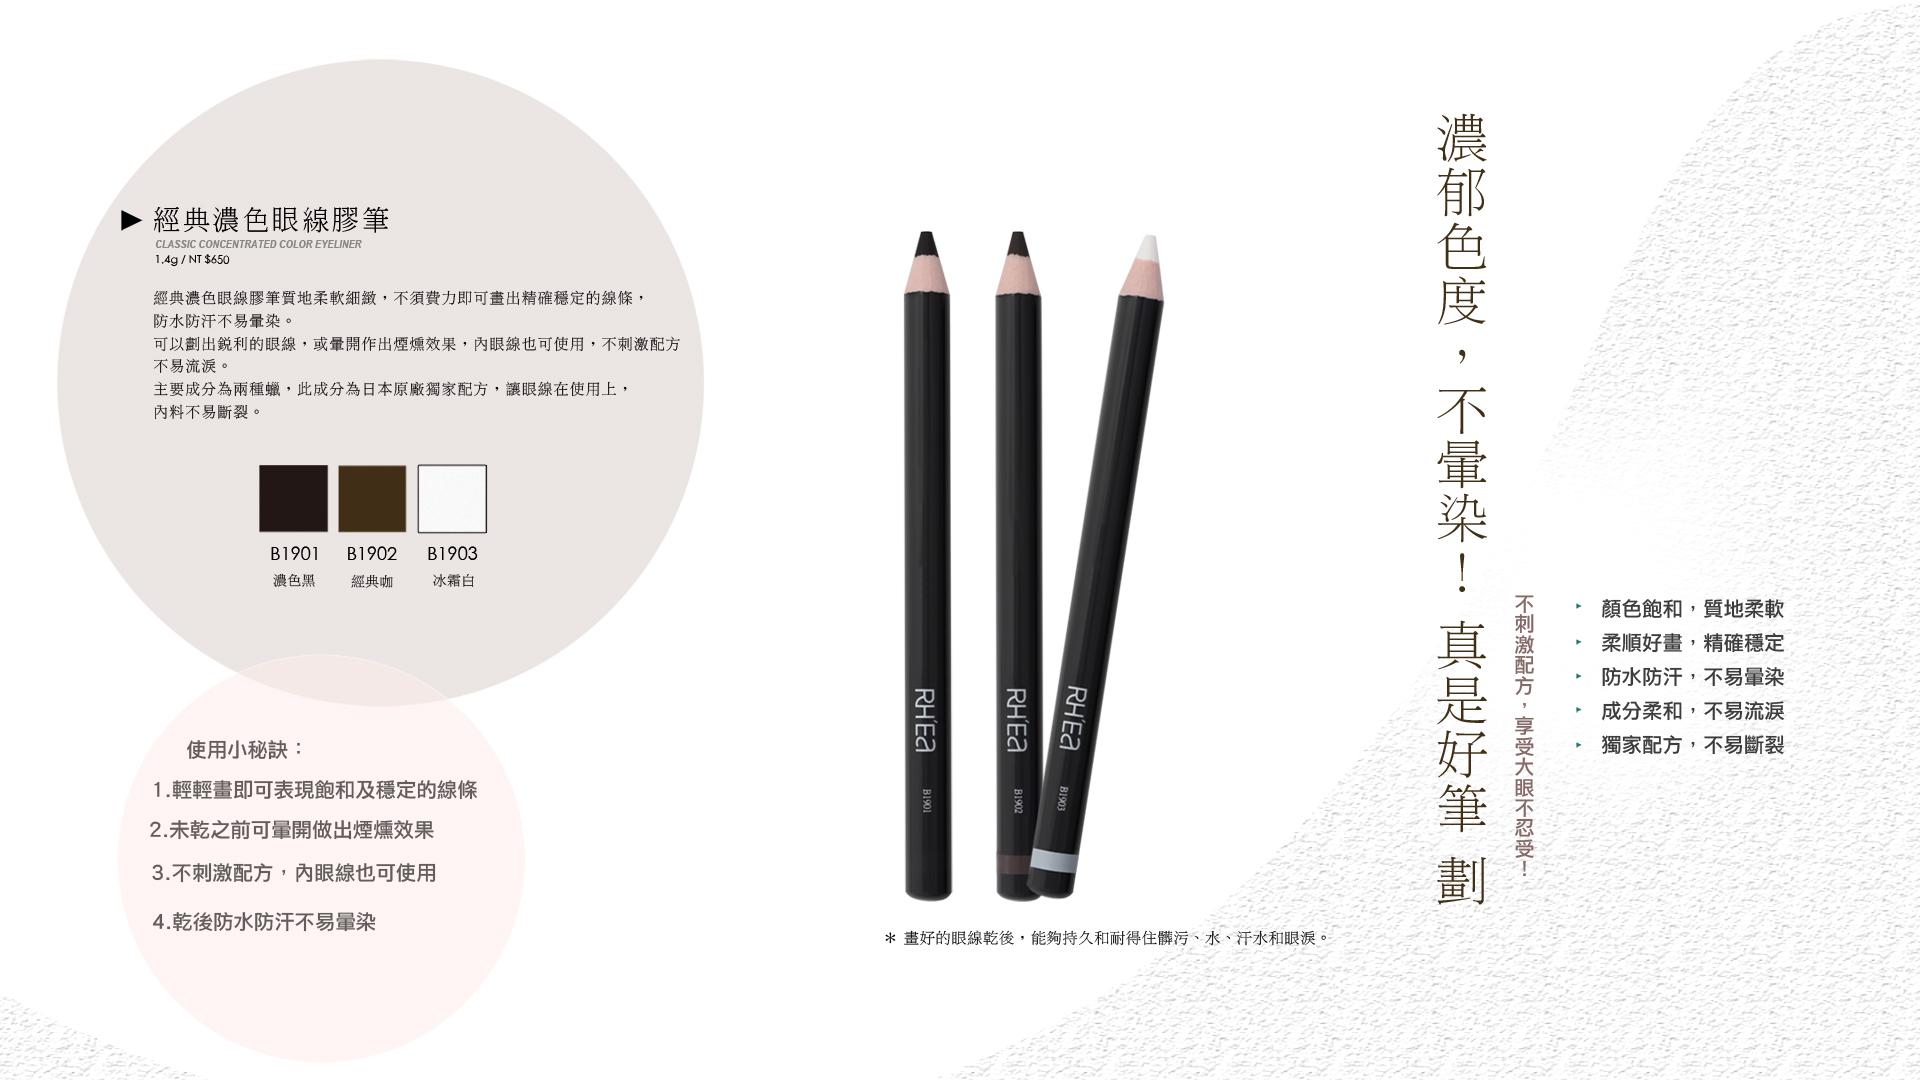 蕾亞專業彩妝經典濃色眼線膠筆